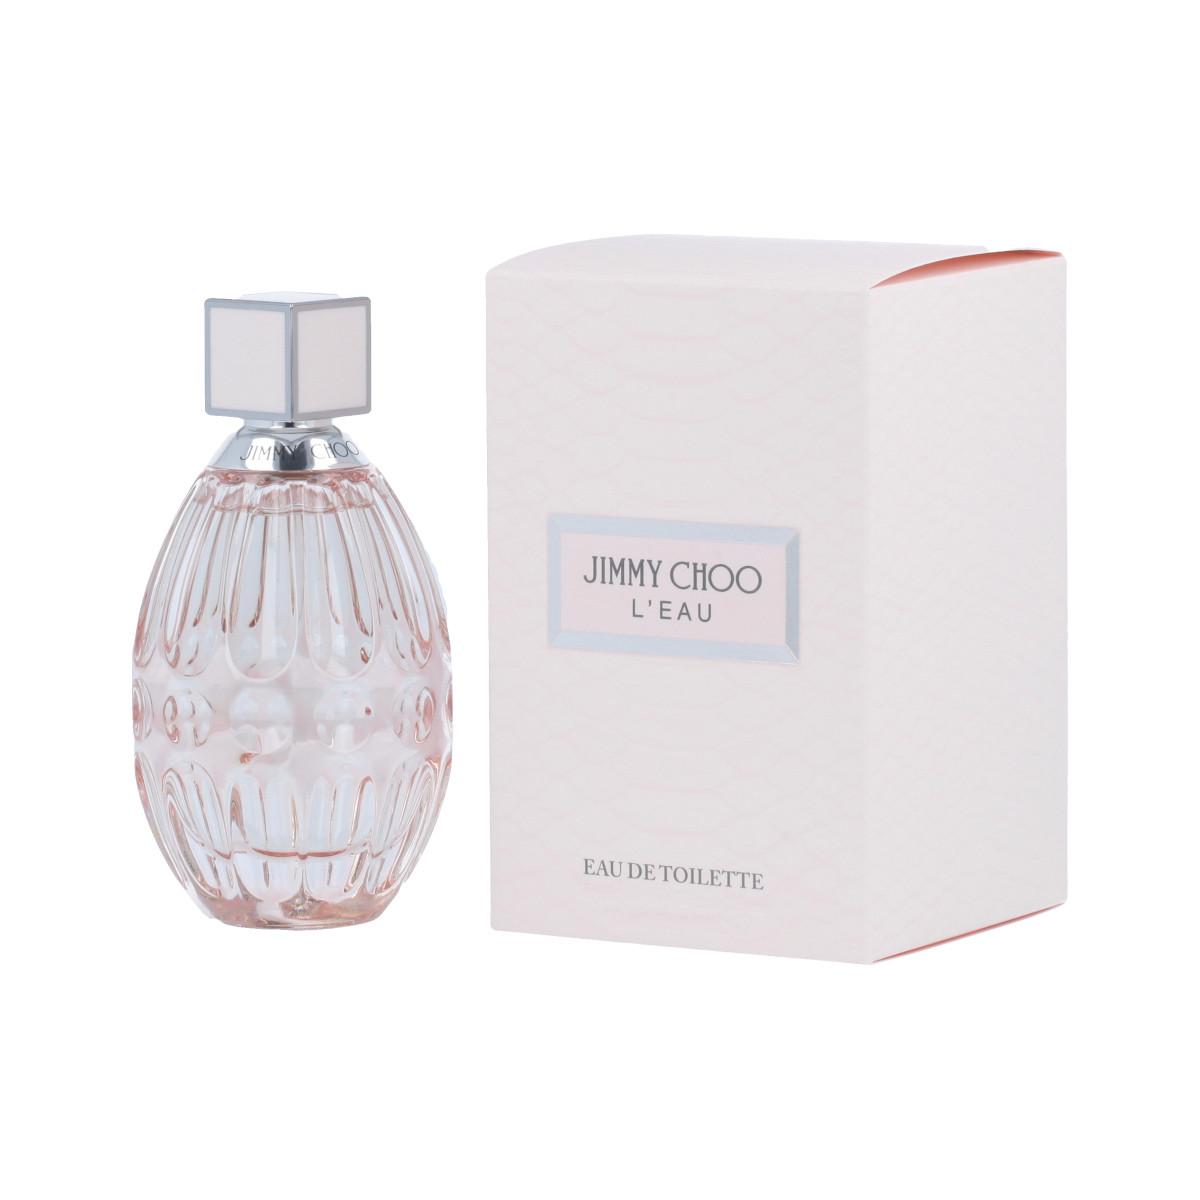 Jimmy Choo Jimmy Choo L'Eau Eau De Toilette 90 ml (woman)